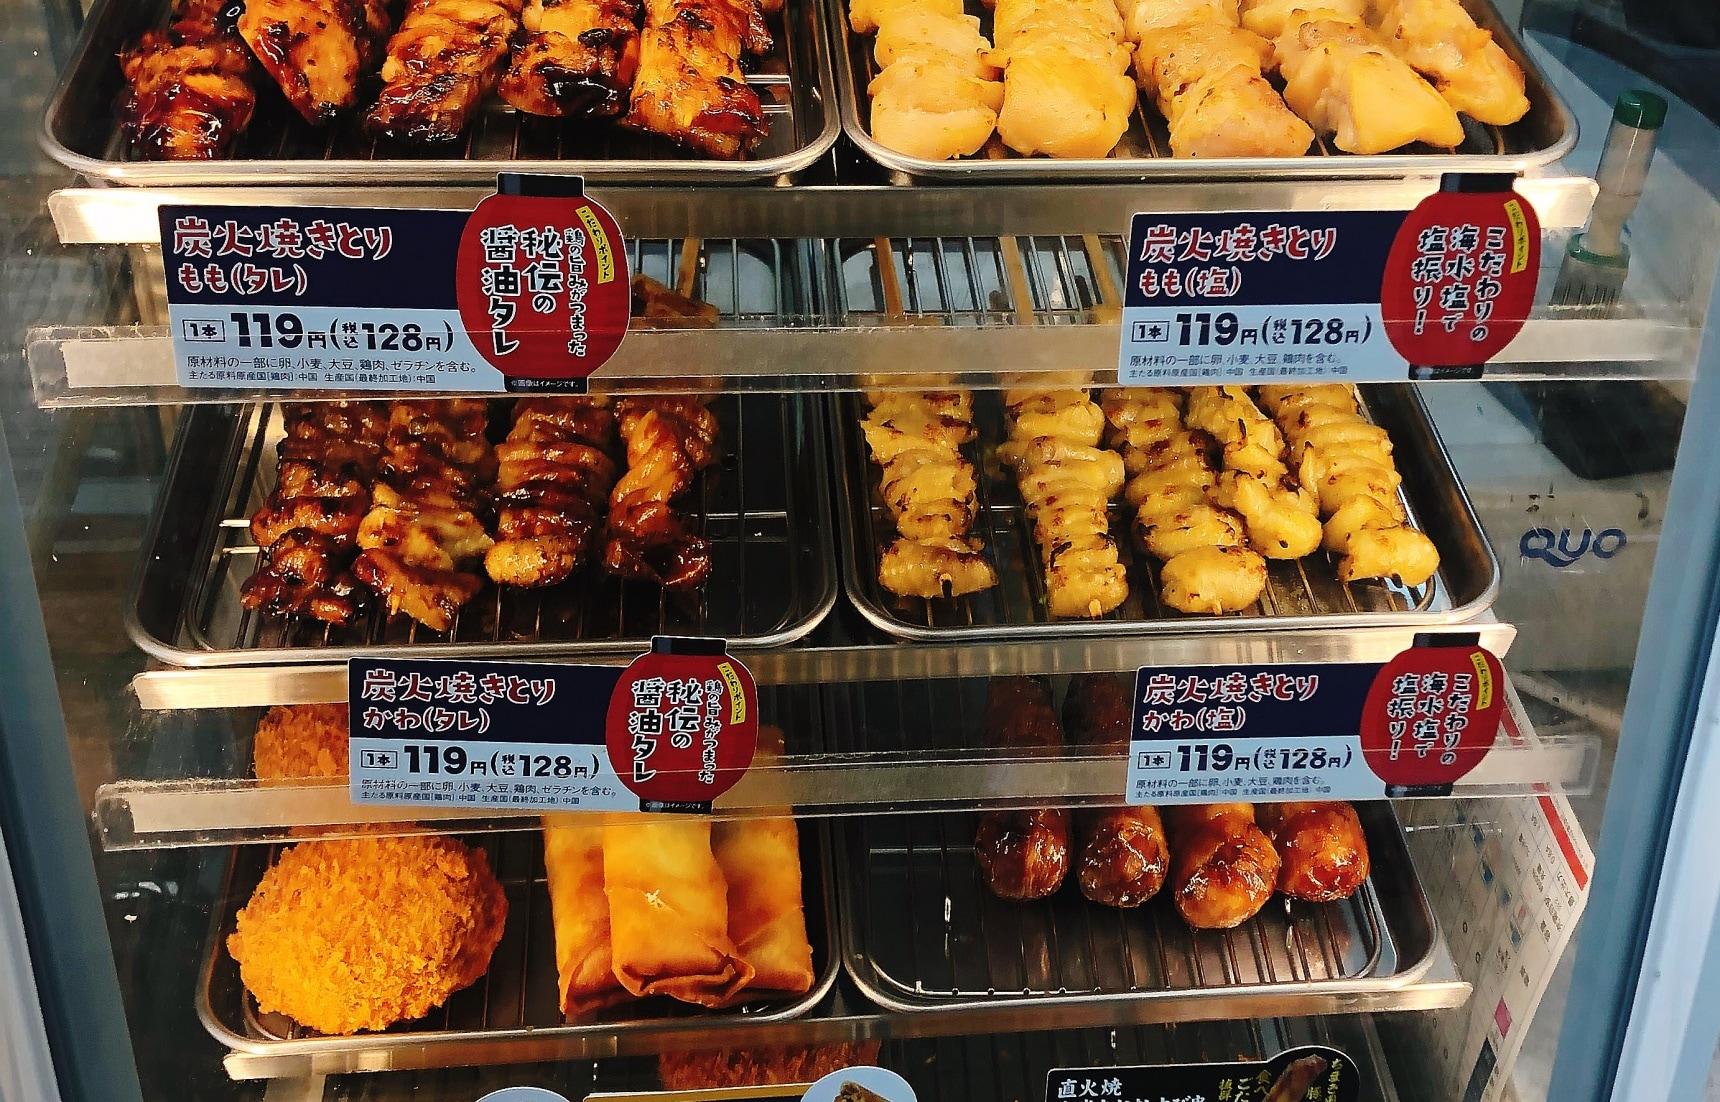 รีวิวของปิ้งย่างใน Family Mart ญี่ปุ่น30ชนิด !